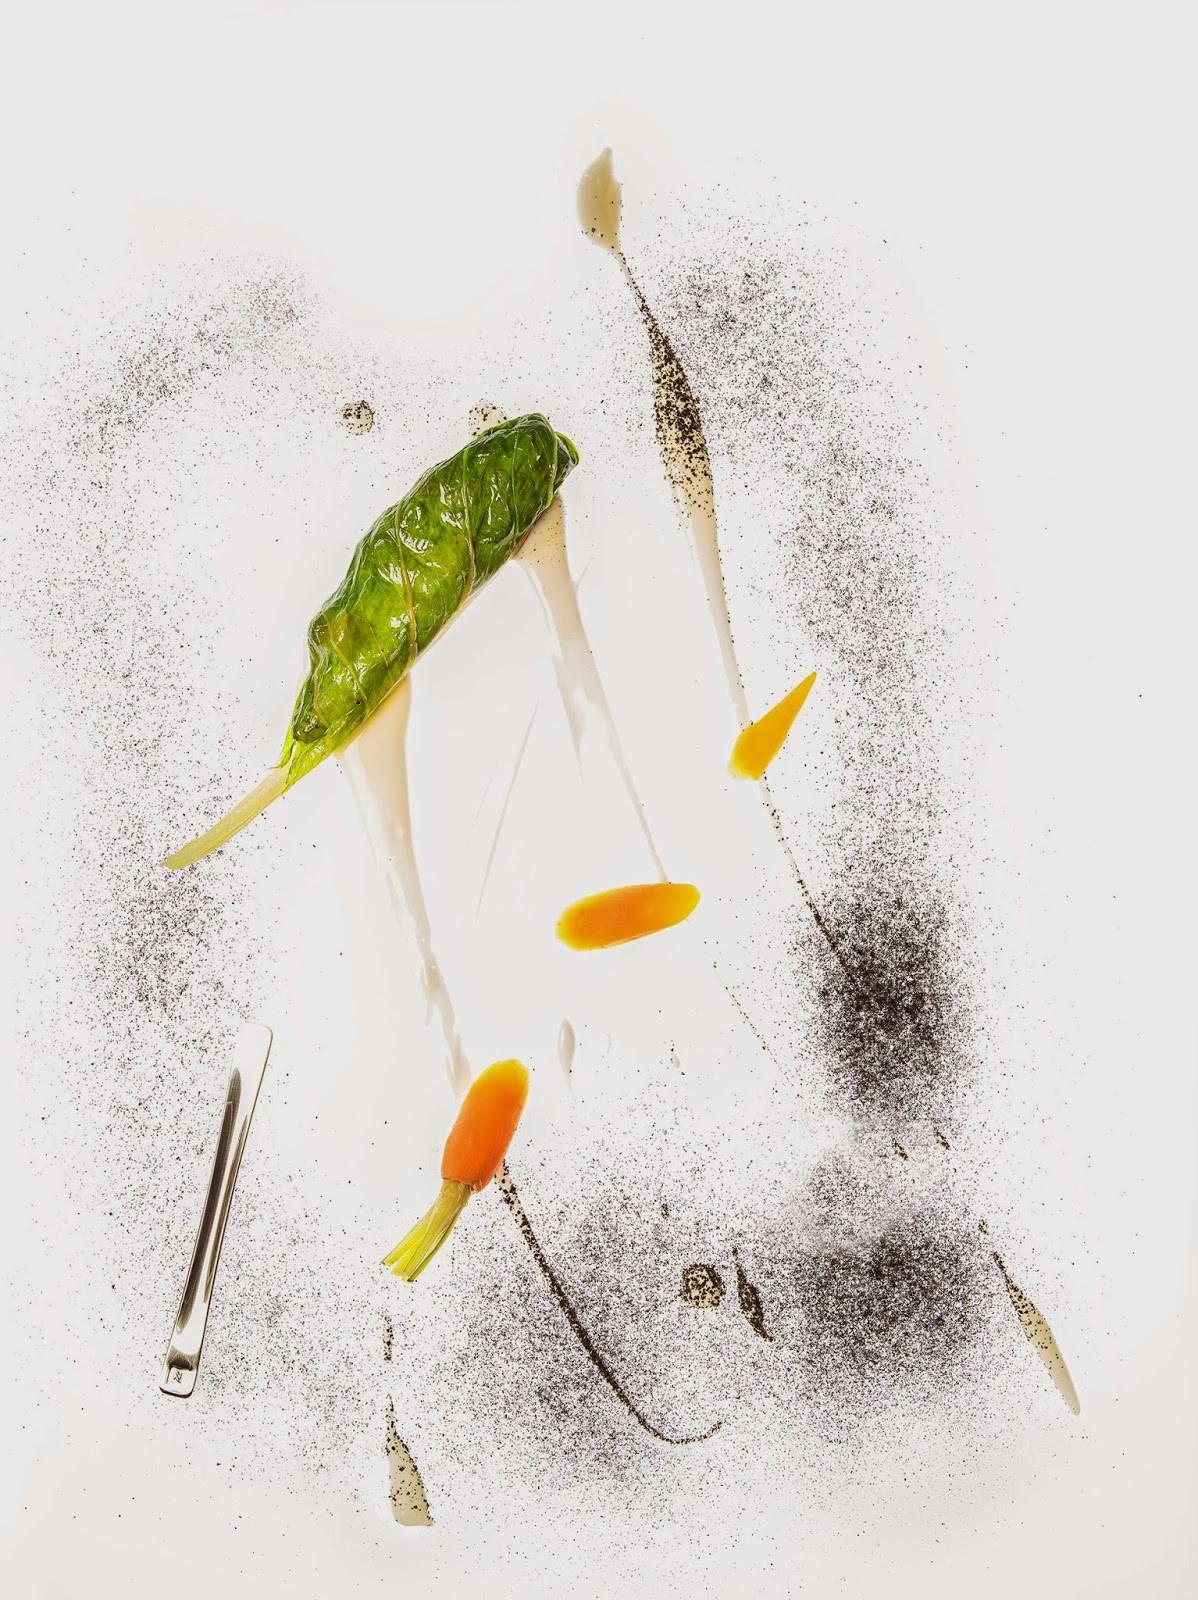 Nespresso_Freixa_Dentro de una hoja verde, colmenillas y mollejas